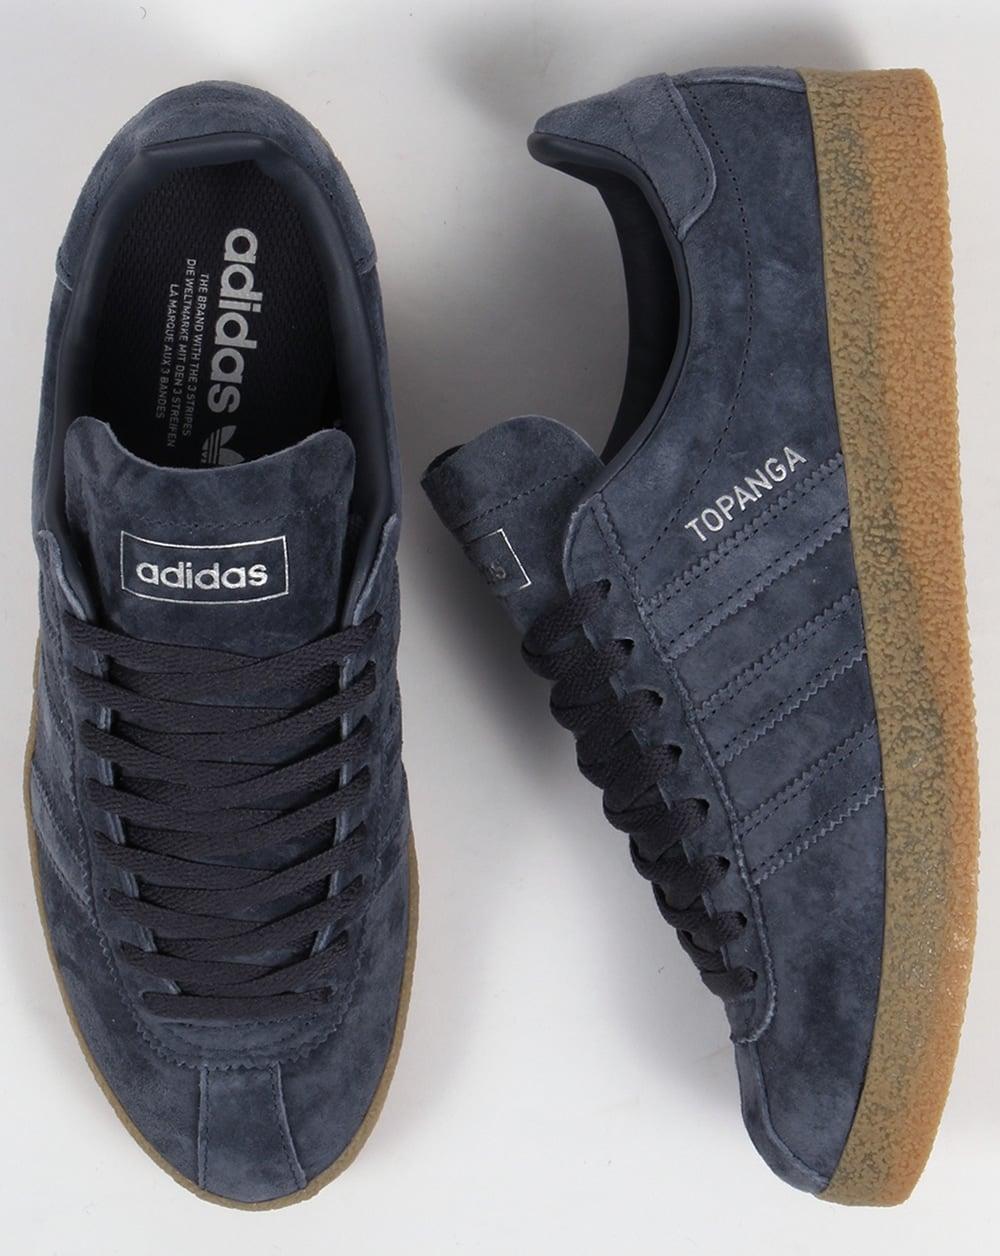 adidas originals topanga utility blue